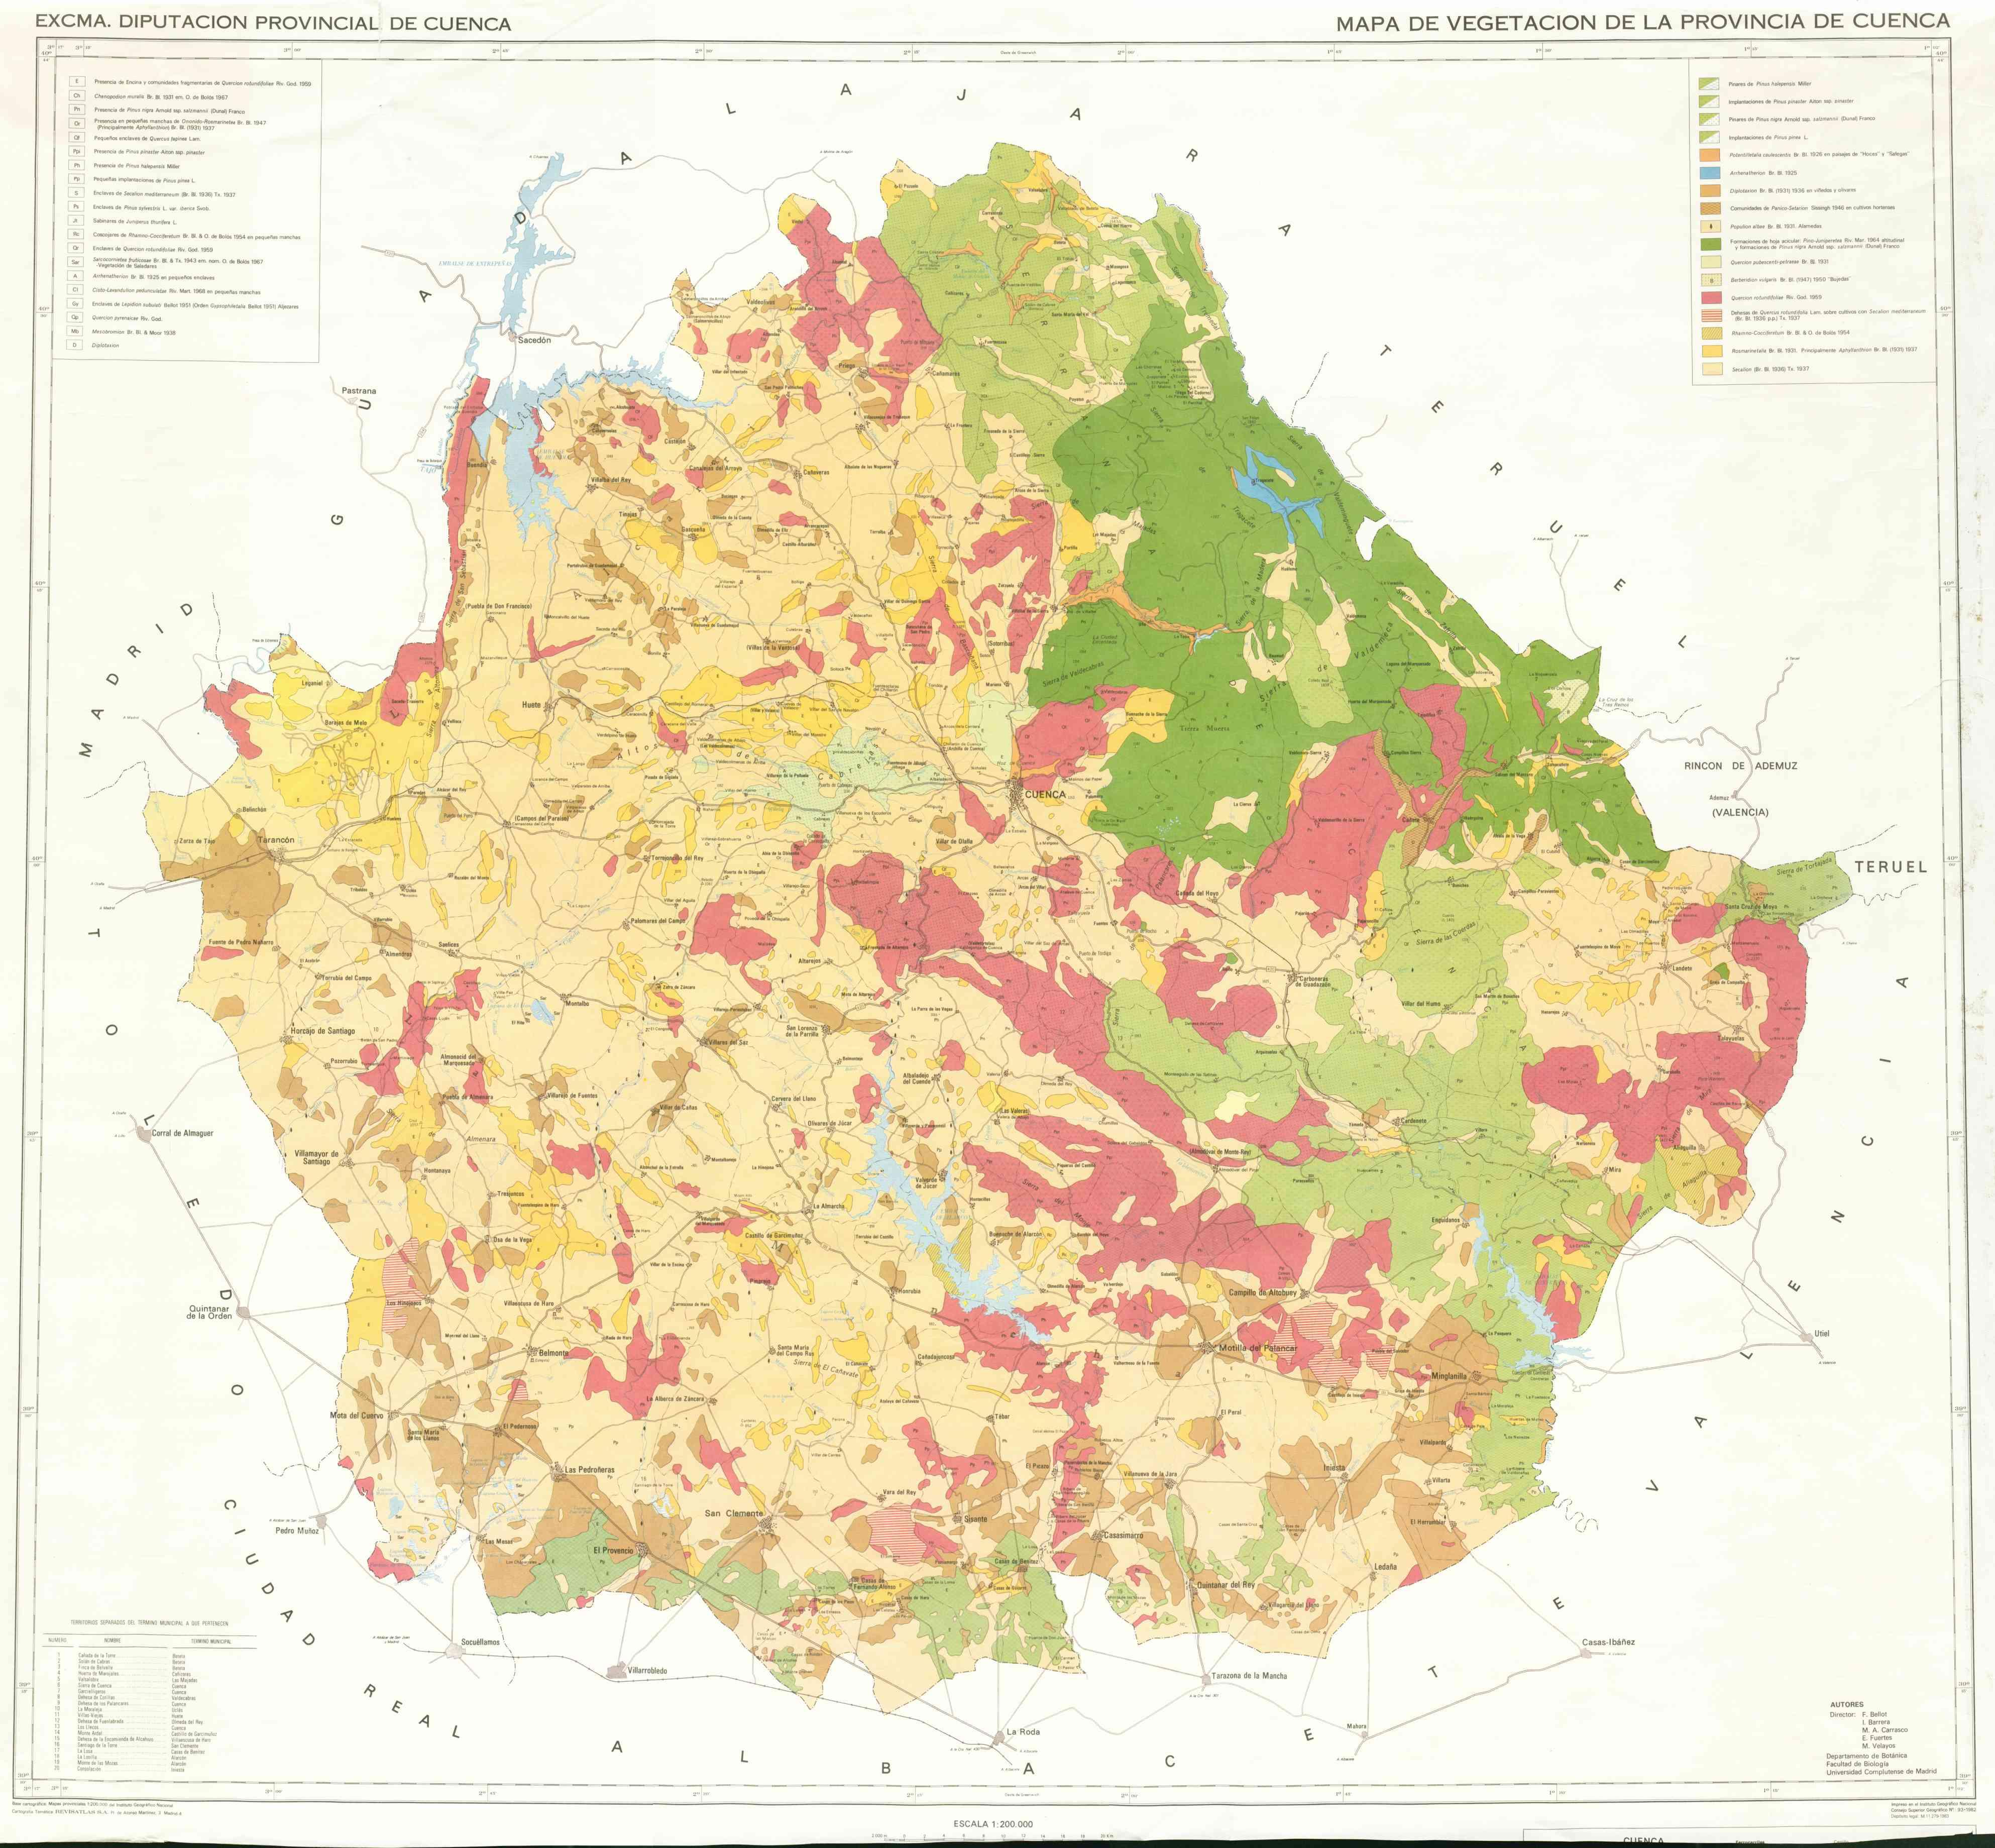 Vegetación de la Provincia de Cuenca 1982